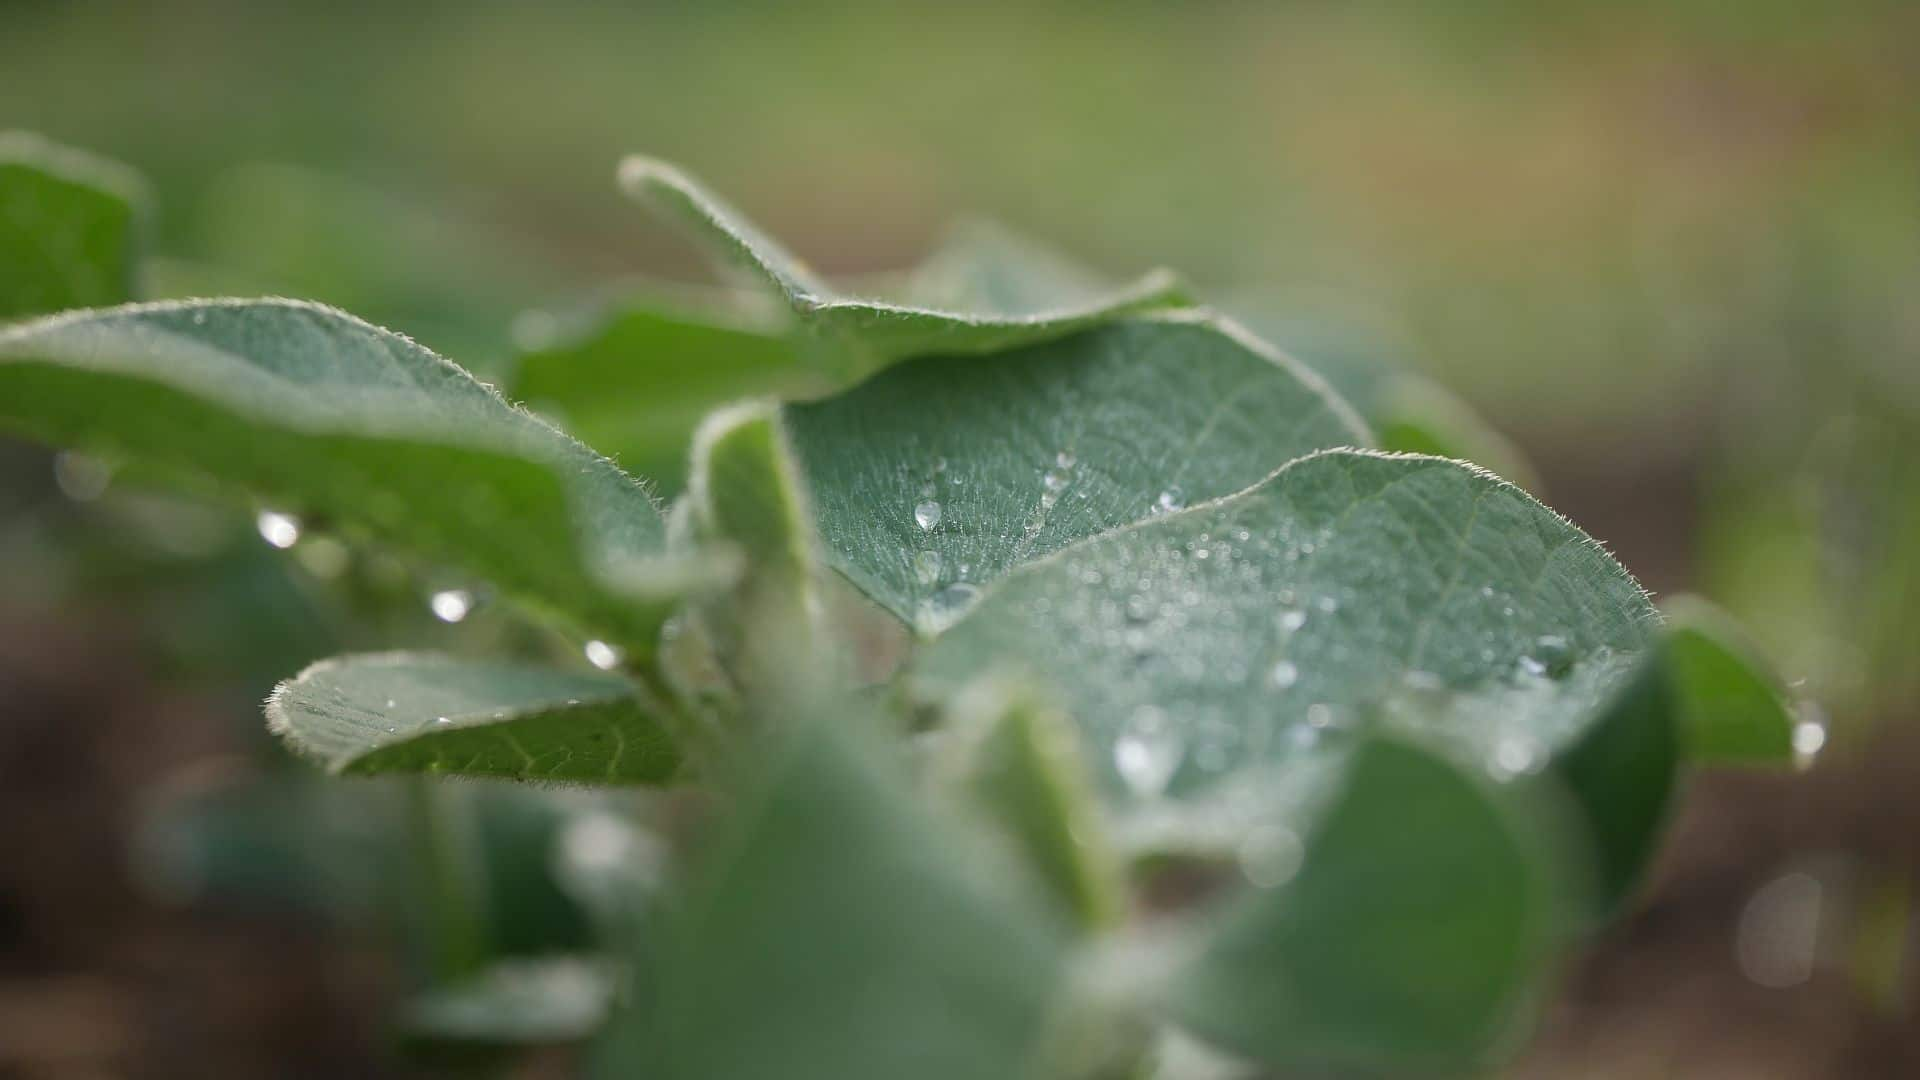 Eigenschaften Sojabohne Soja Knöllchenbakterium Soja Proteingehalt